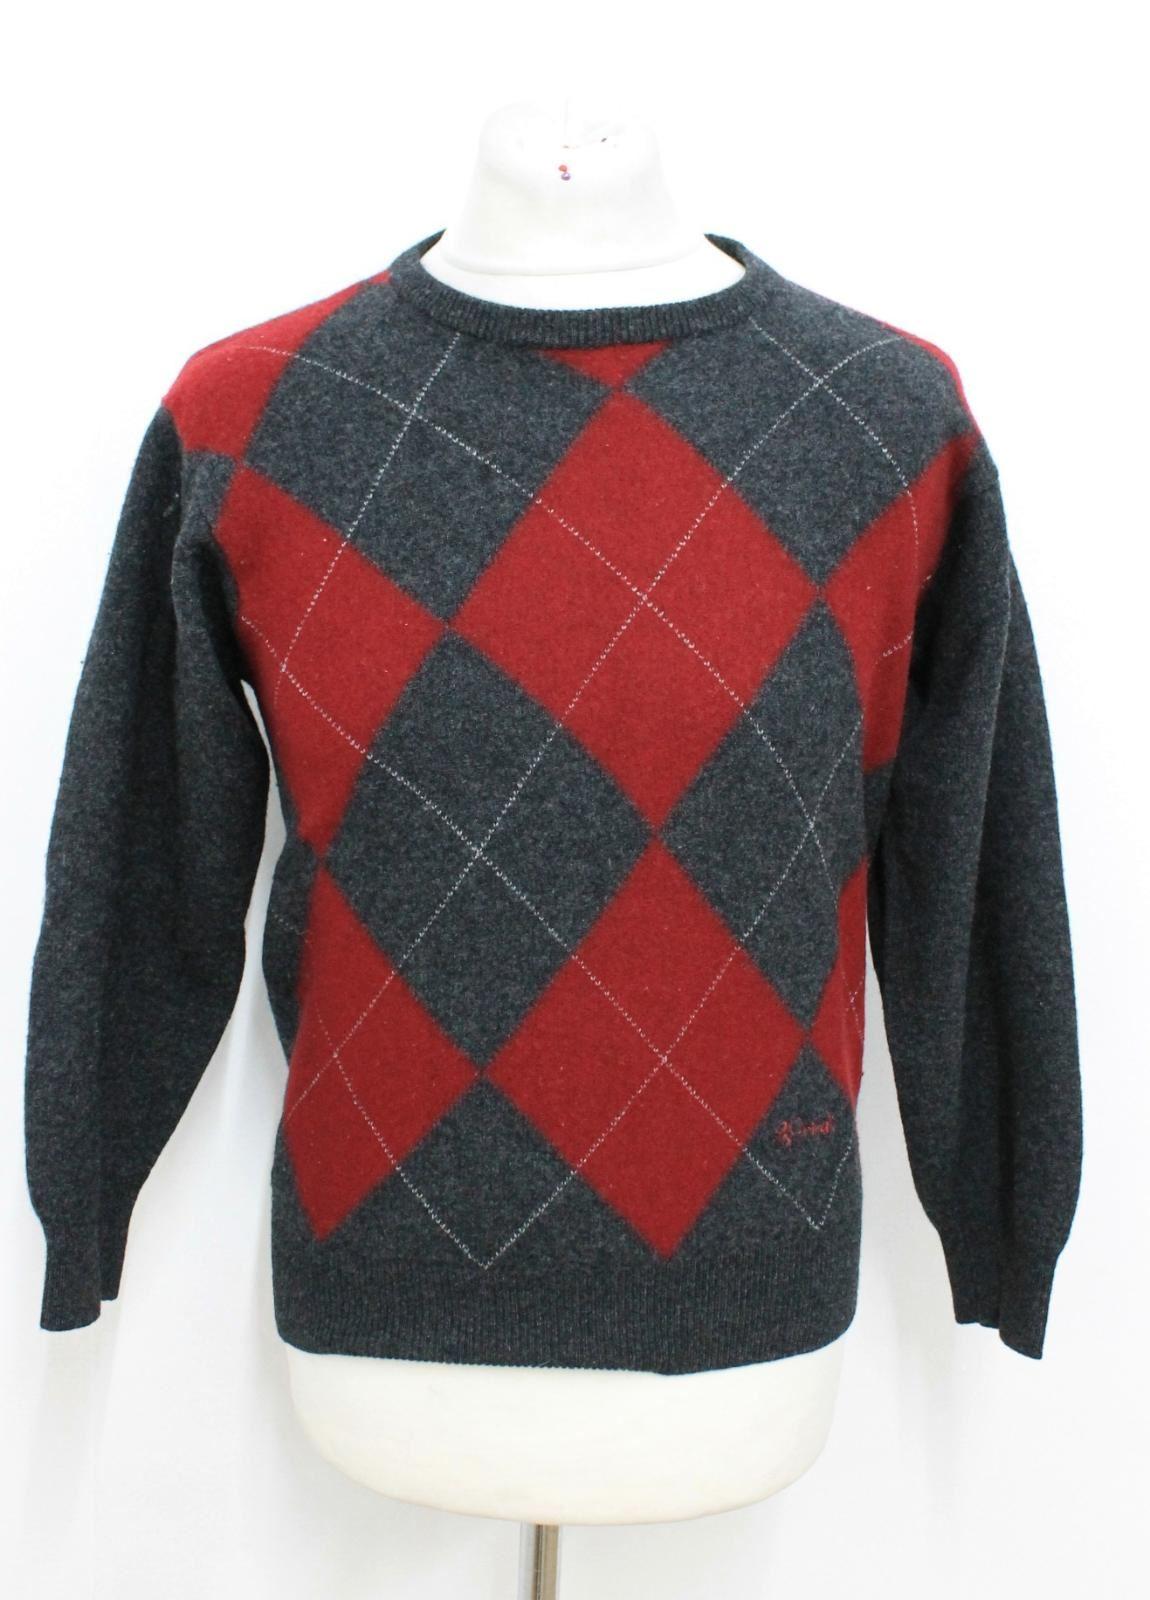 PRINGLE OF SCOTLAND Men's Dark Grey Red Argyle Patterned Wool Jumper Size L